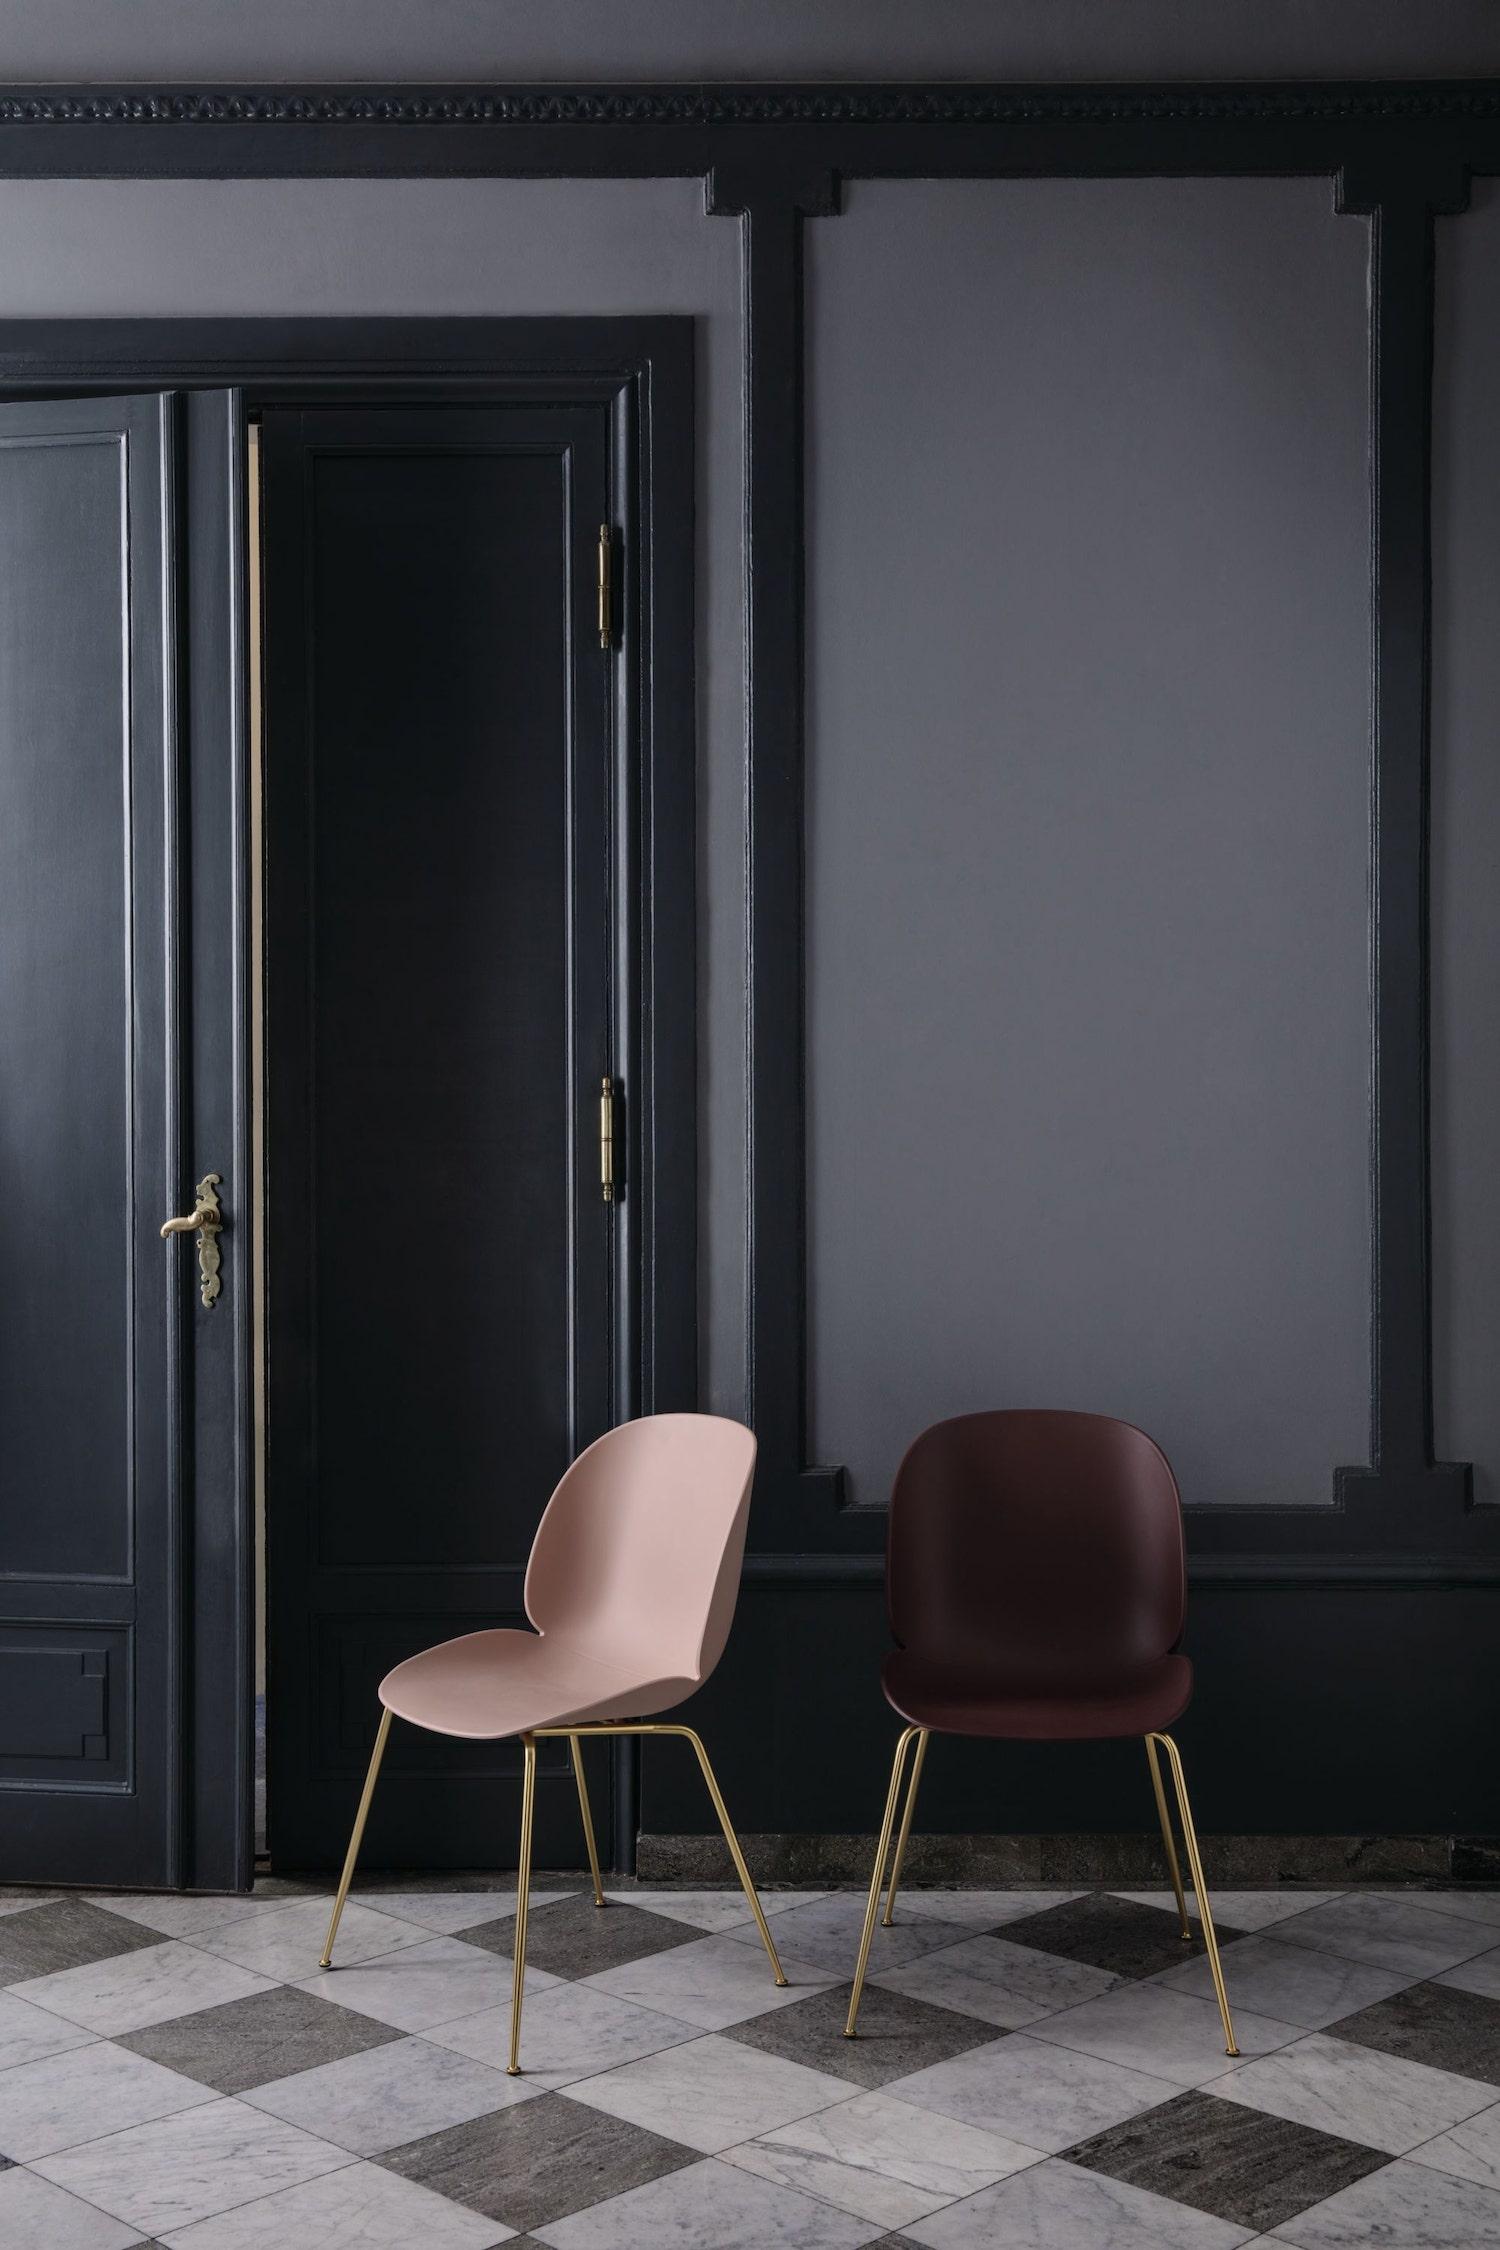 Chaise Beetle Plastique, Pieds Tube – Gubi – Scandinavia Design